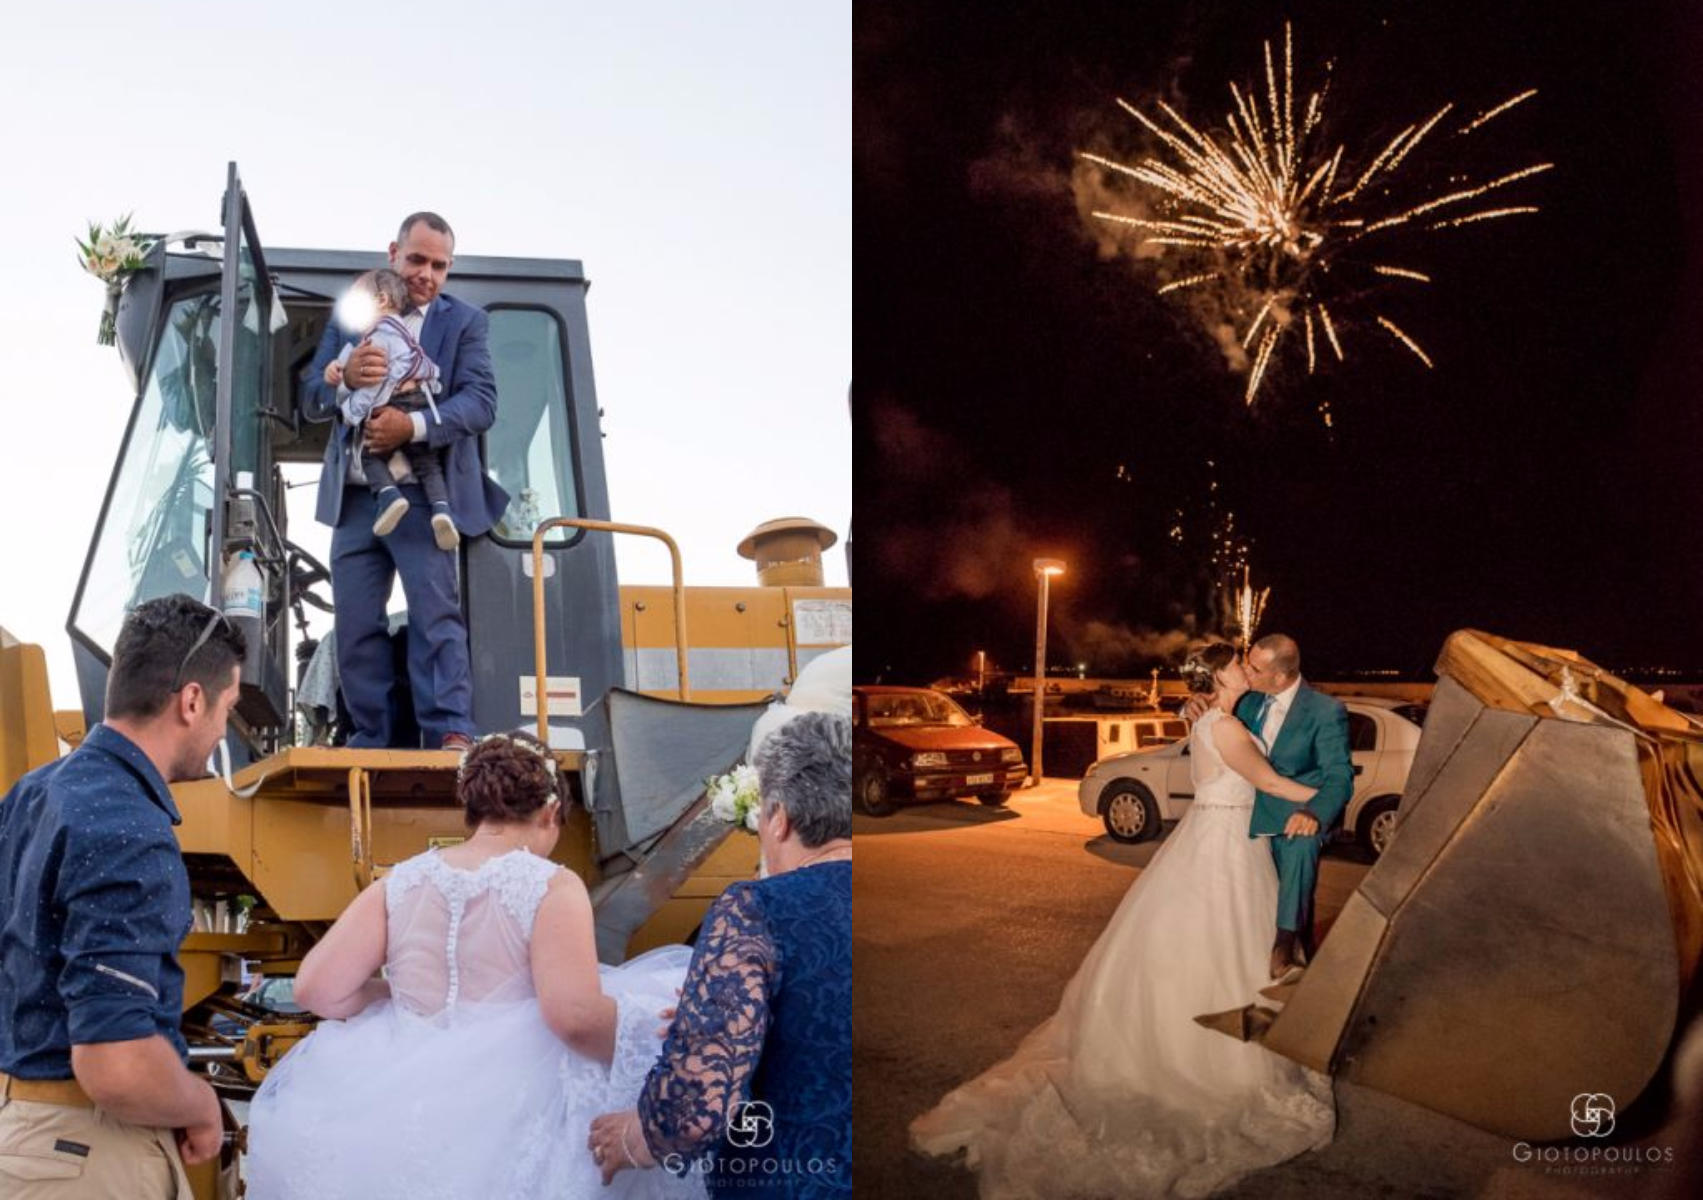 ef6d29a43ea Σε μπουλντόζα φόρτωσε τη νύφη ο γαμπρός σε γάμο στην Πρέβεζα ...